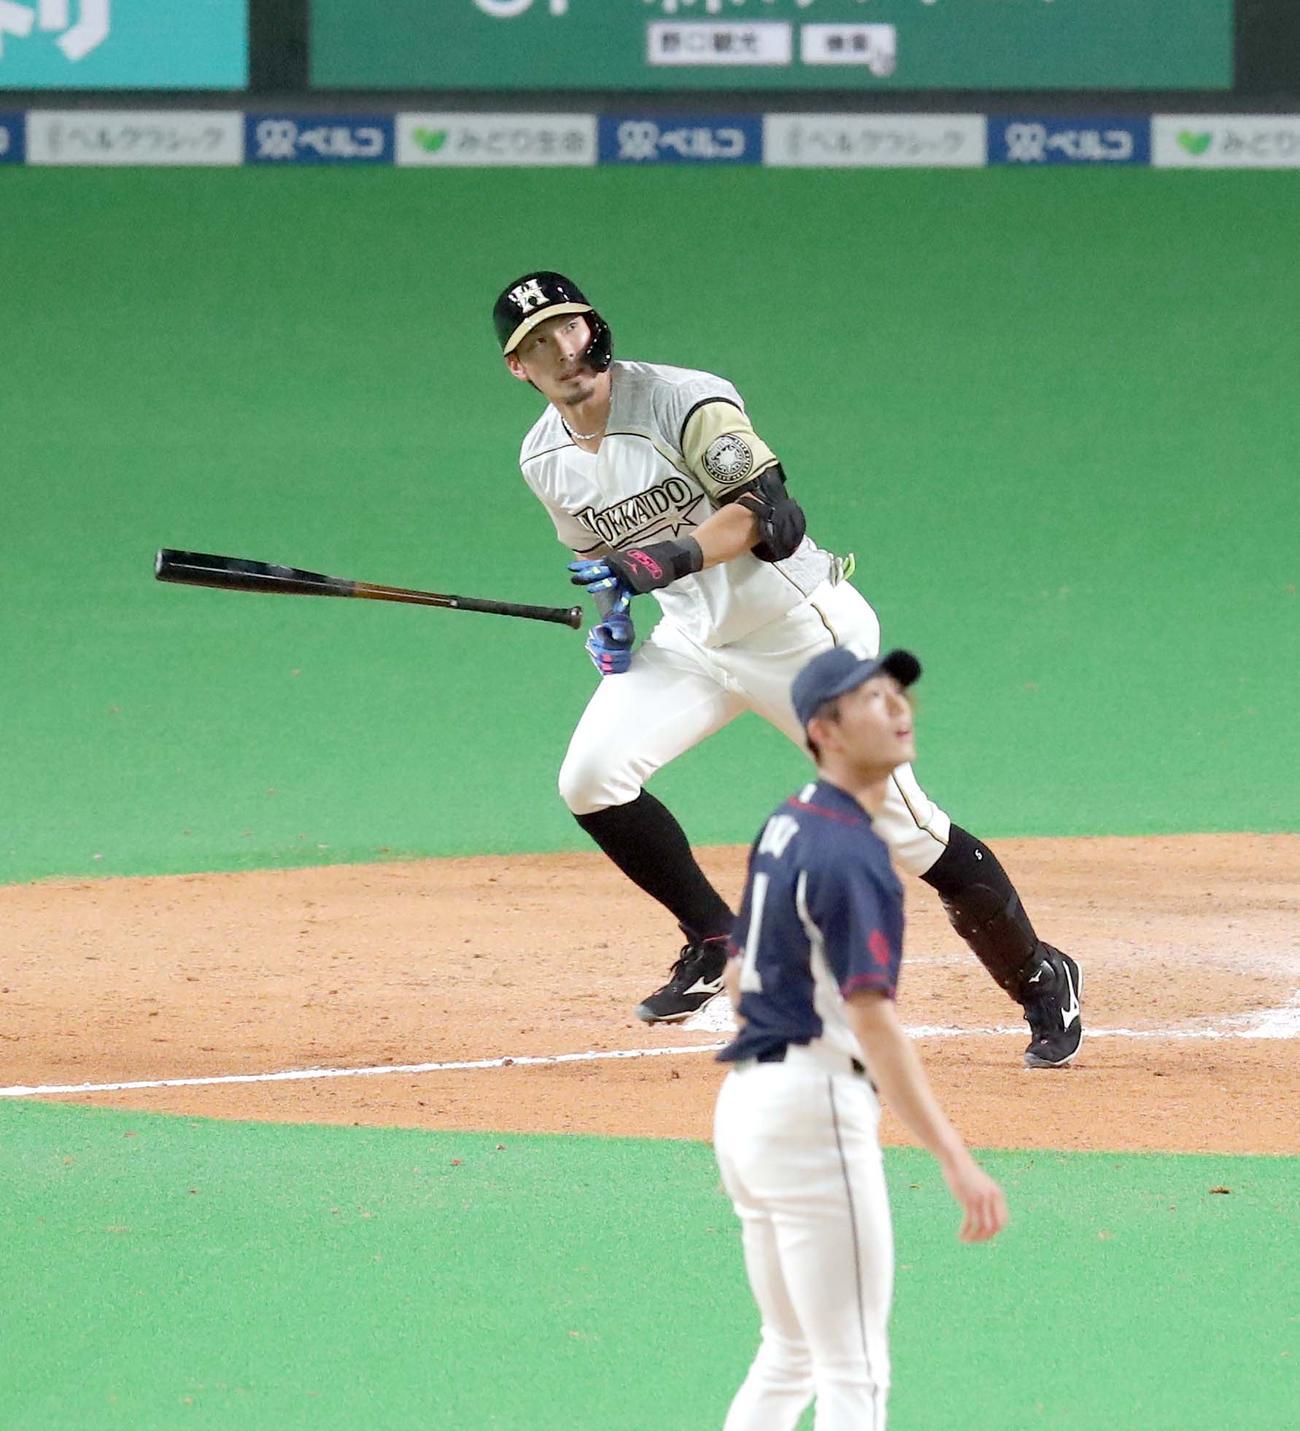 日本ハム対西武 6回裏日本ハム2死一、二塁、大田は左越え3点本塁打を放つ(撮影・佐藤翔太)